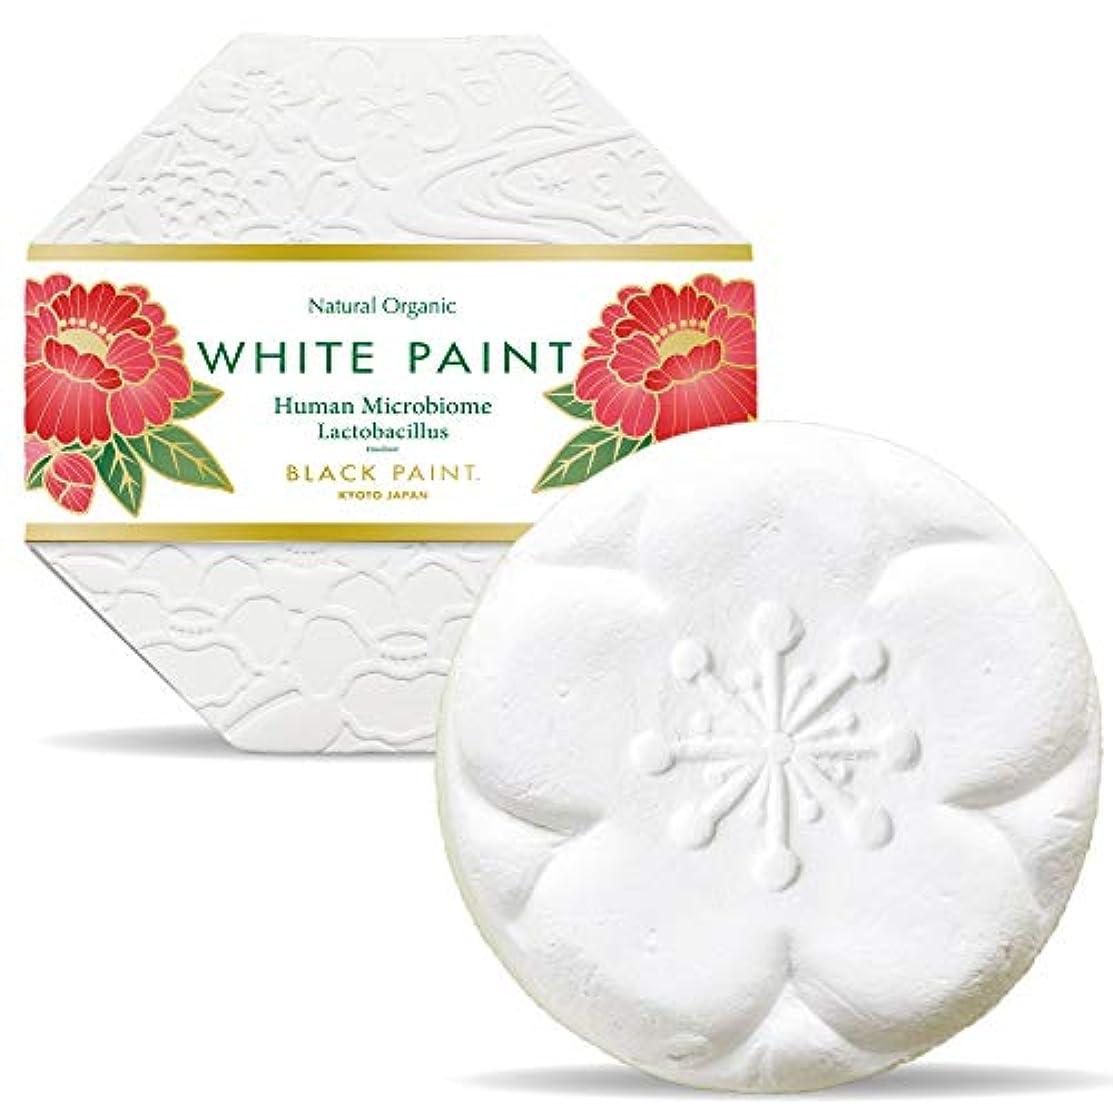 剛性扱うバリアプレミアム ホワイトペイント 120g 塗る洗顔 石鹸 無添加 国産 …